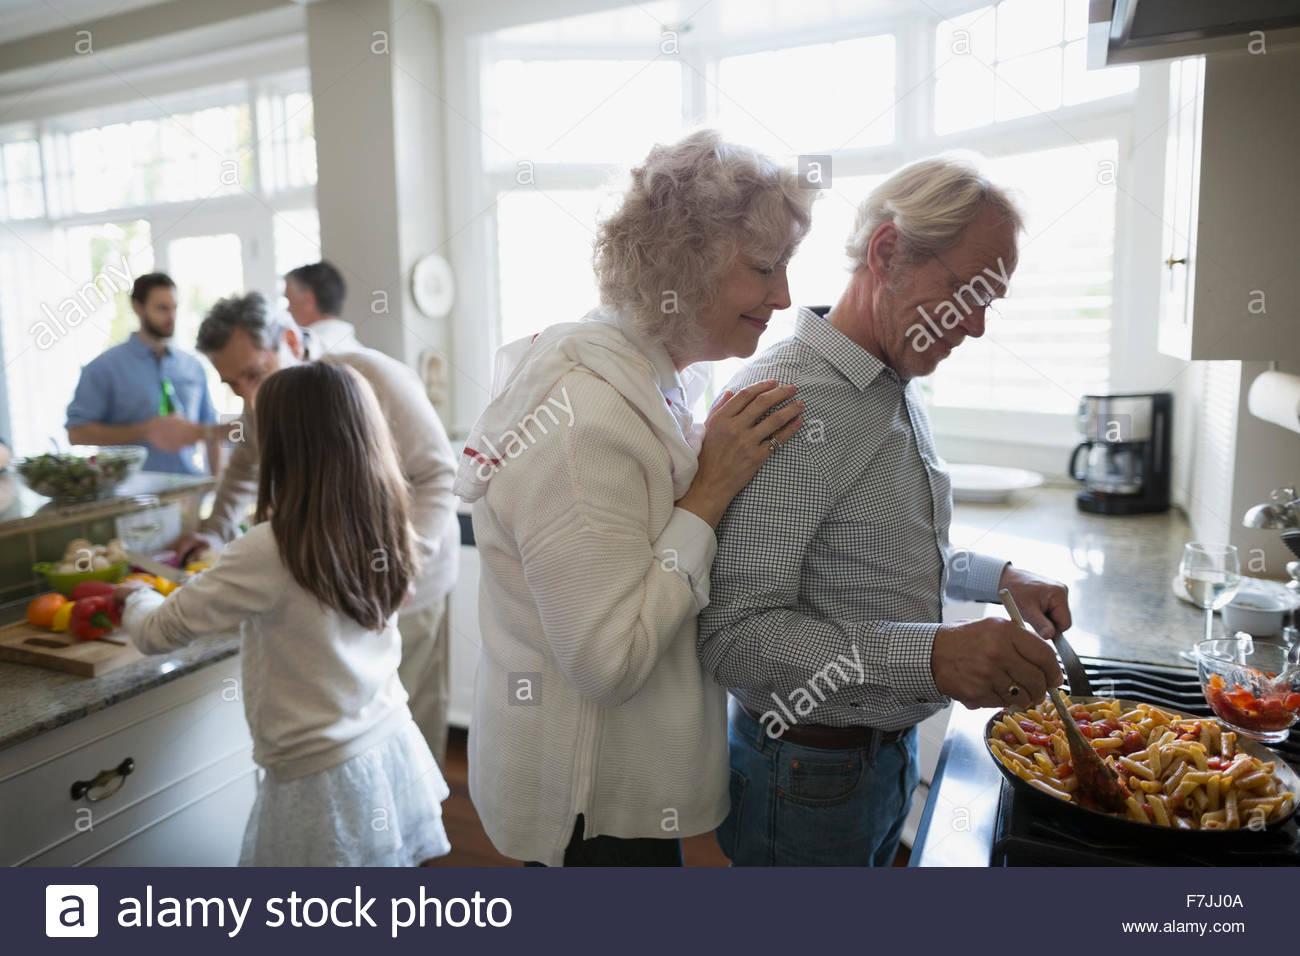 Coppia senior cottura a fornello da cucina Immagini Stock